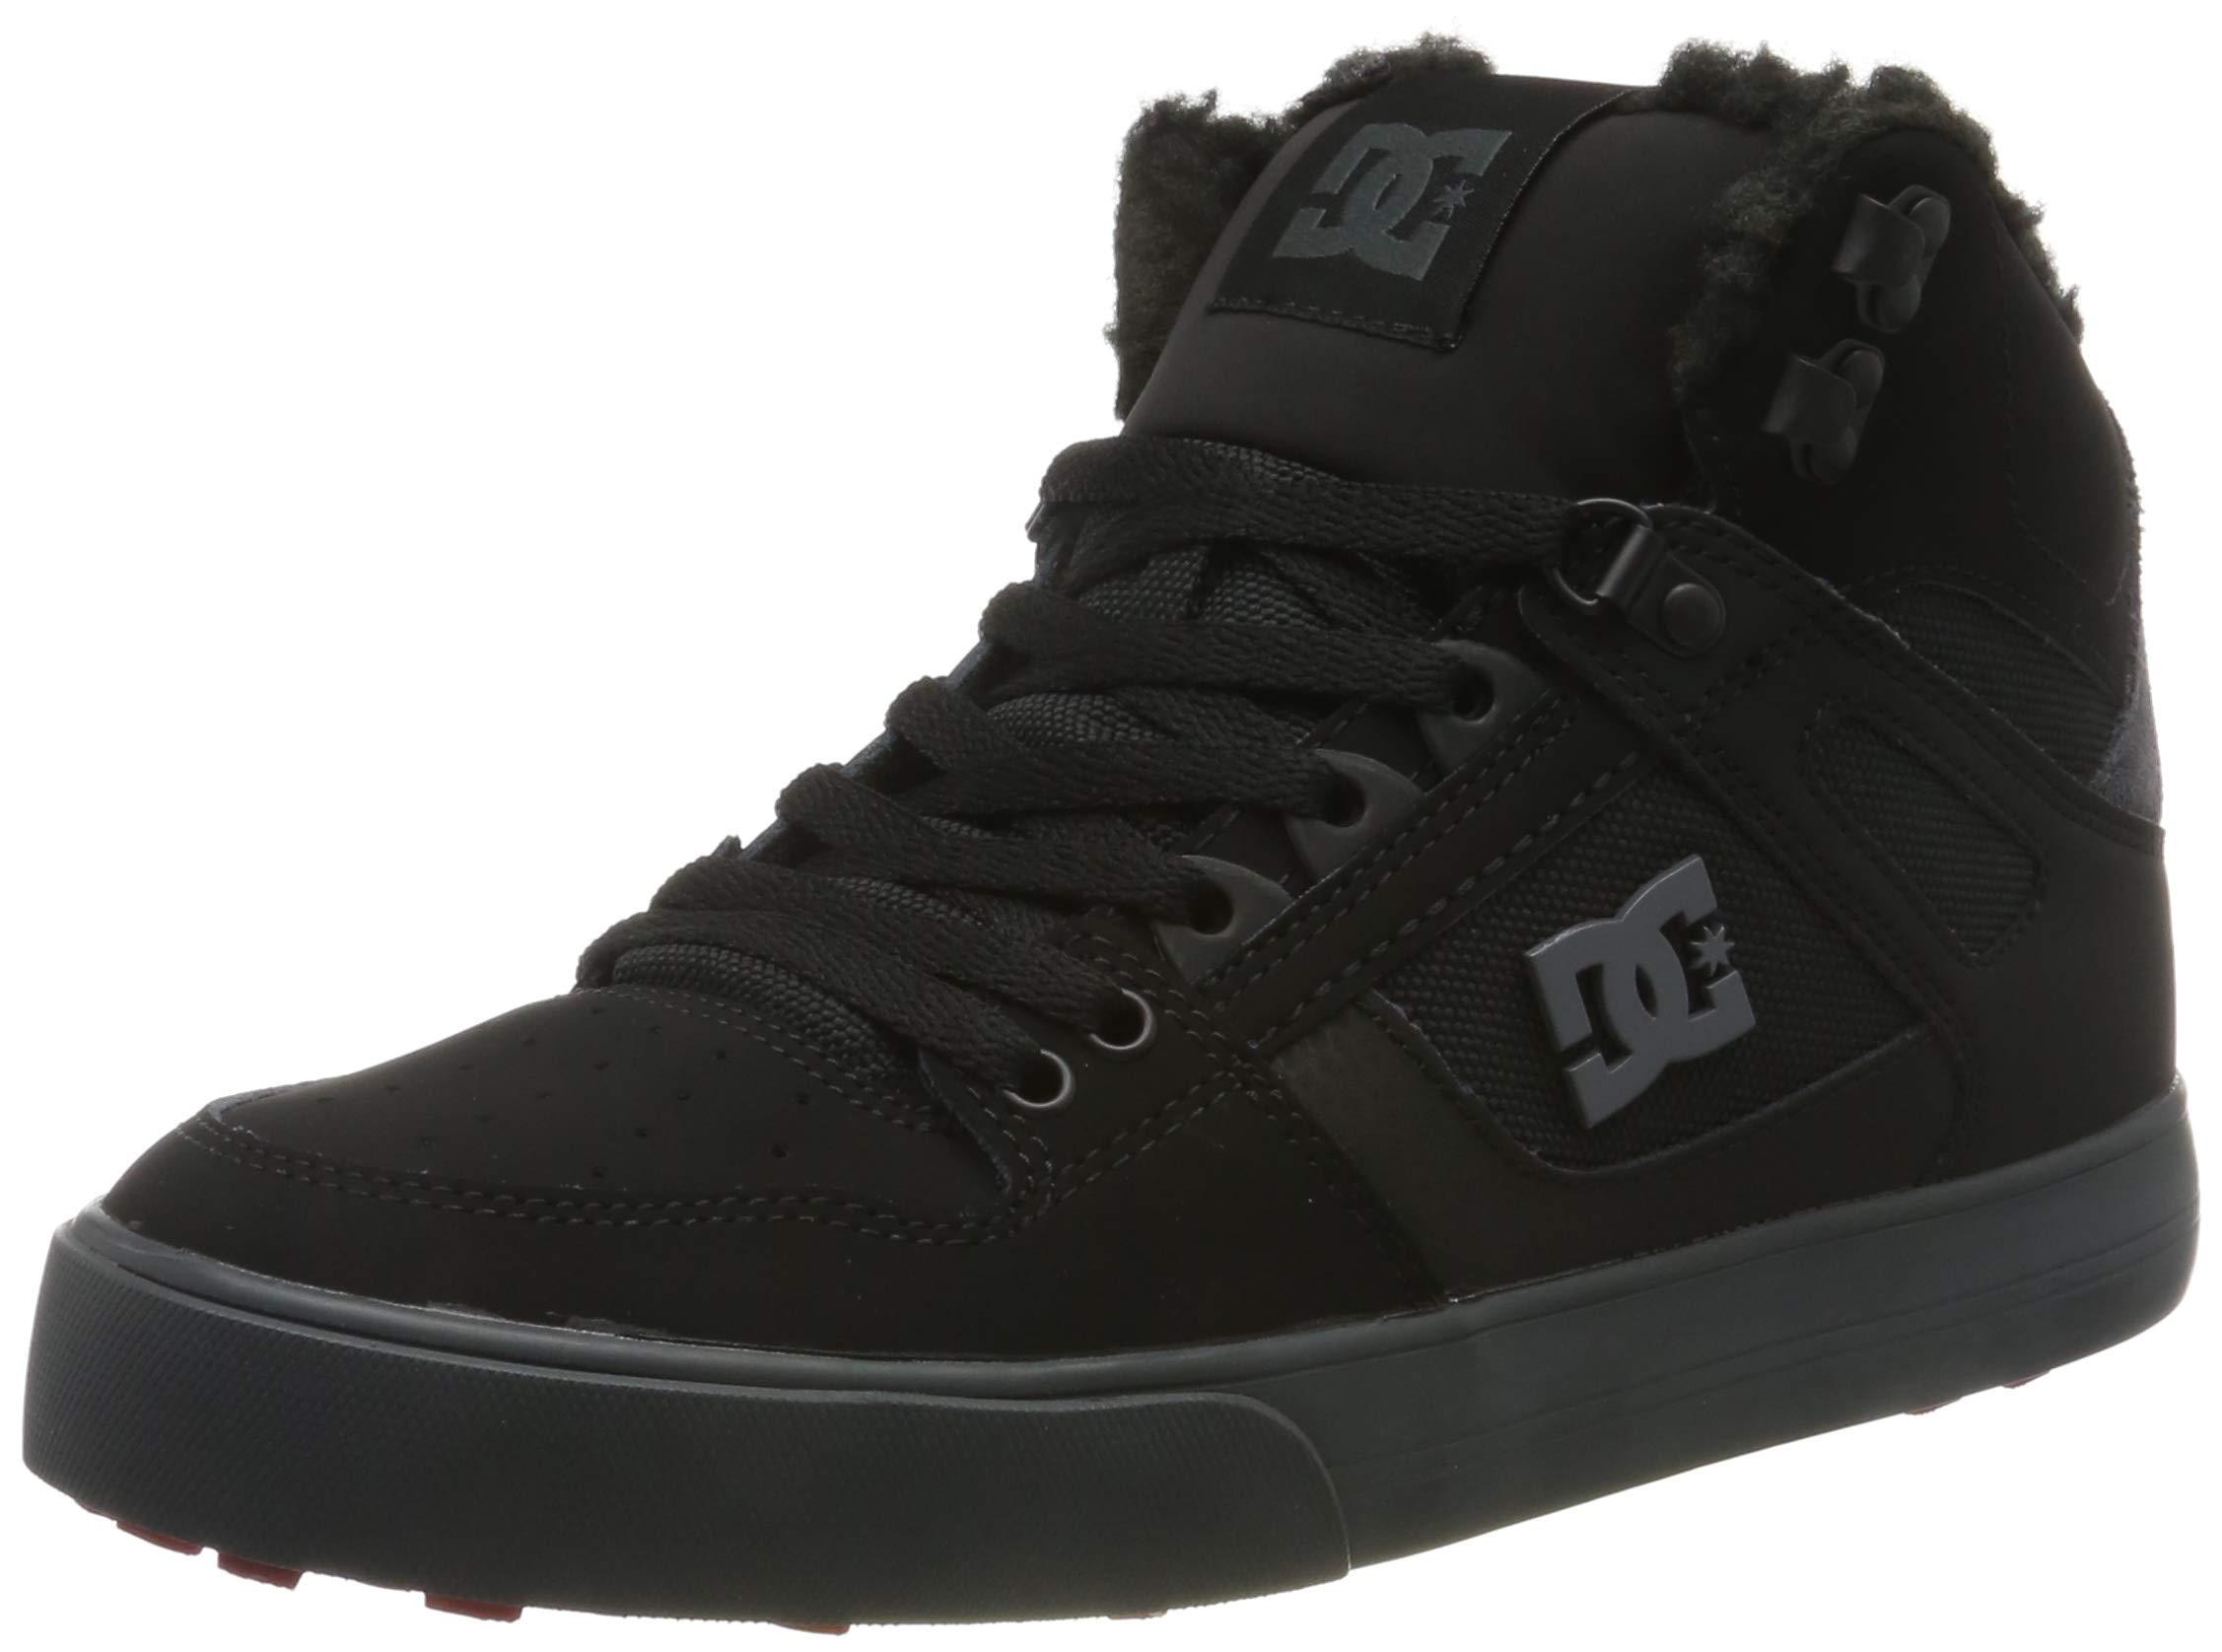 DCシューズの靴をスケートボード(DCSHI)メンズソリッドカラーのハイトップの冬